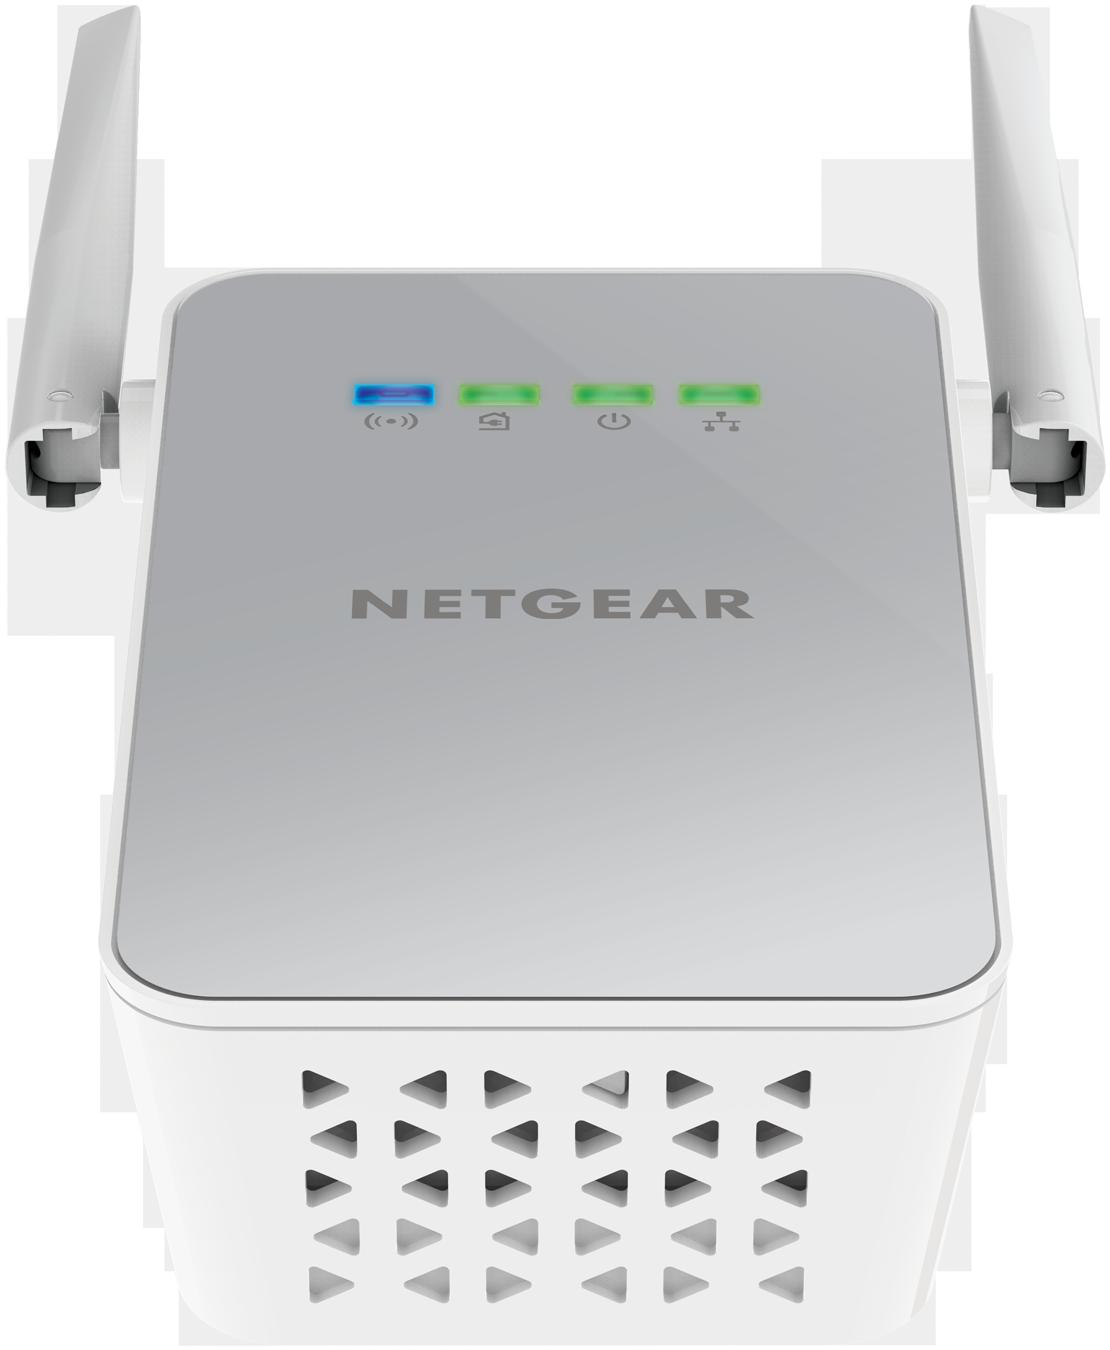 Plw1000 Powerline Networking Home Netgear